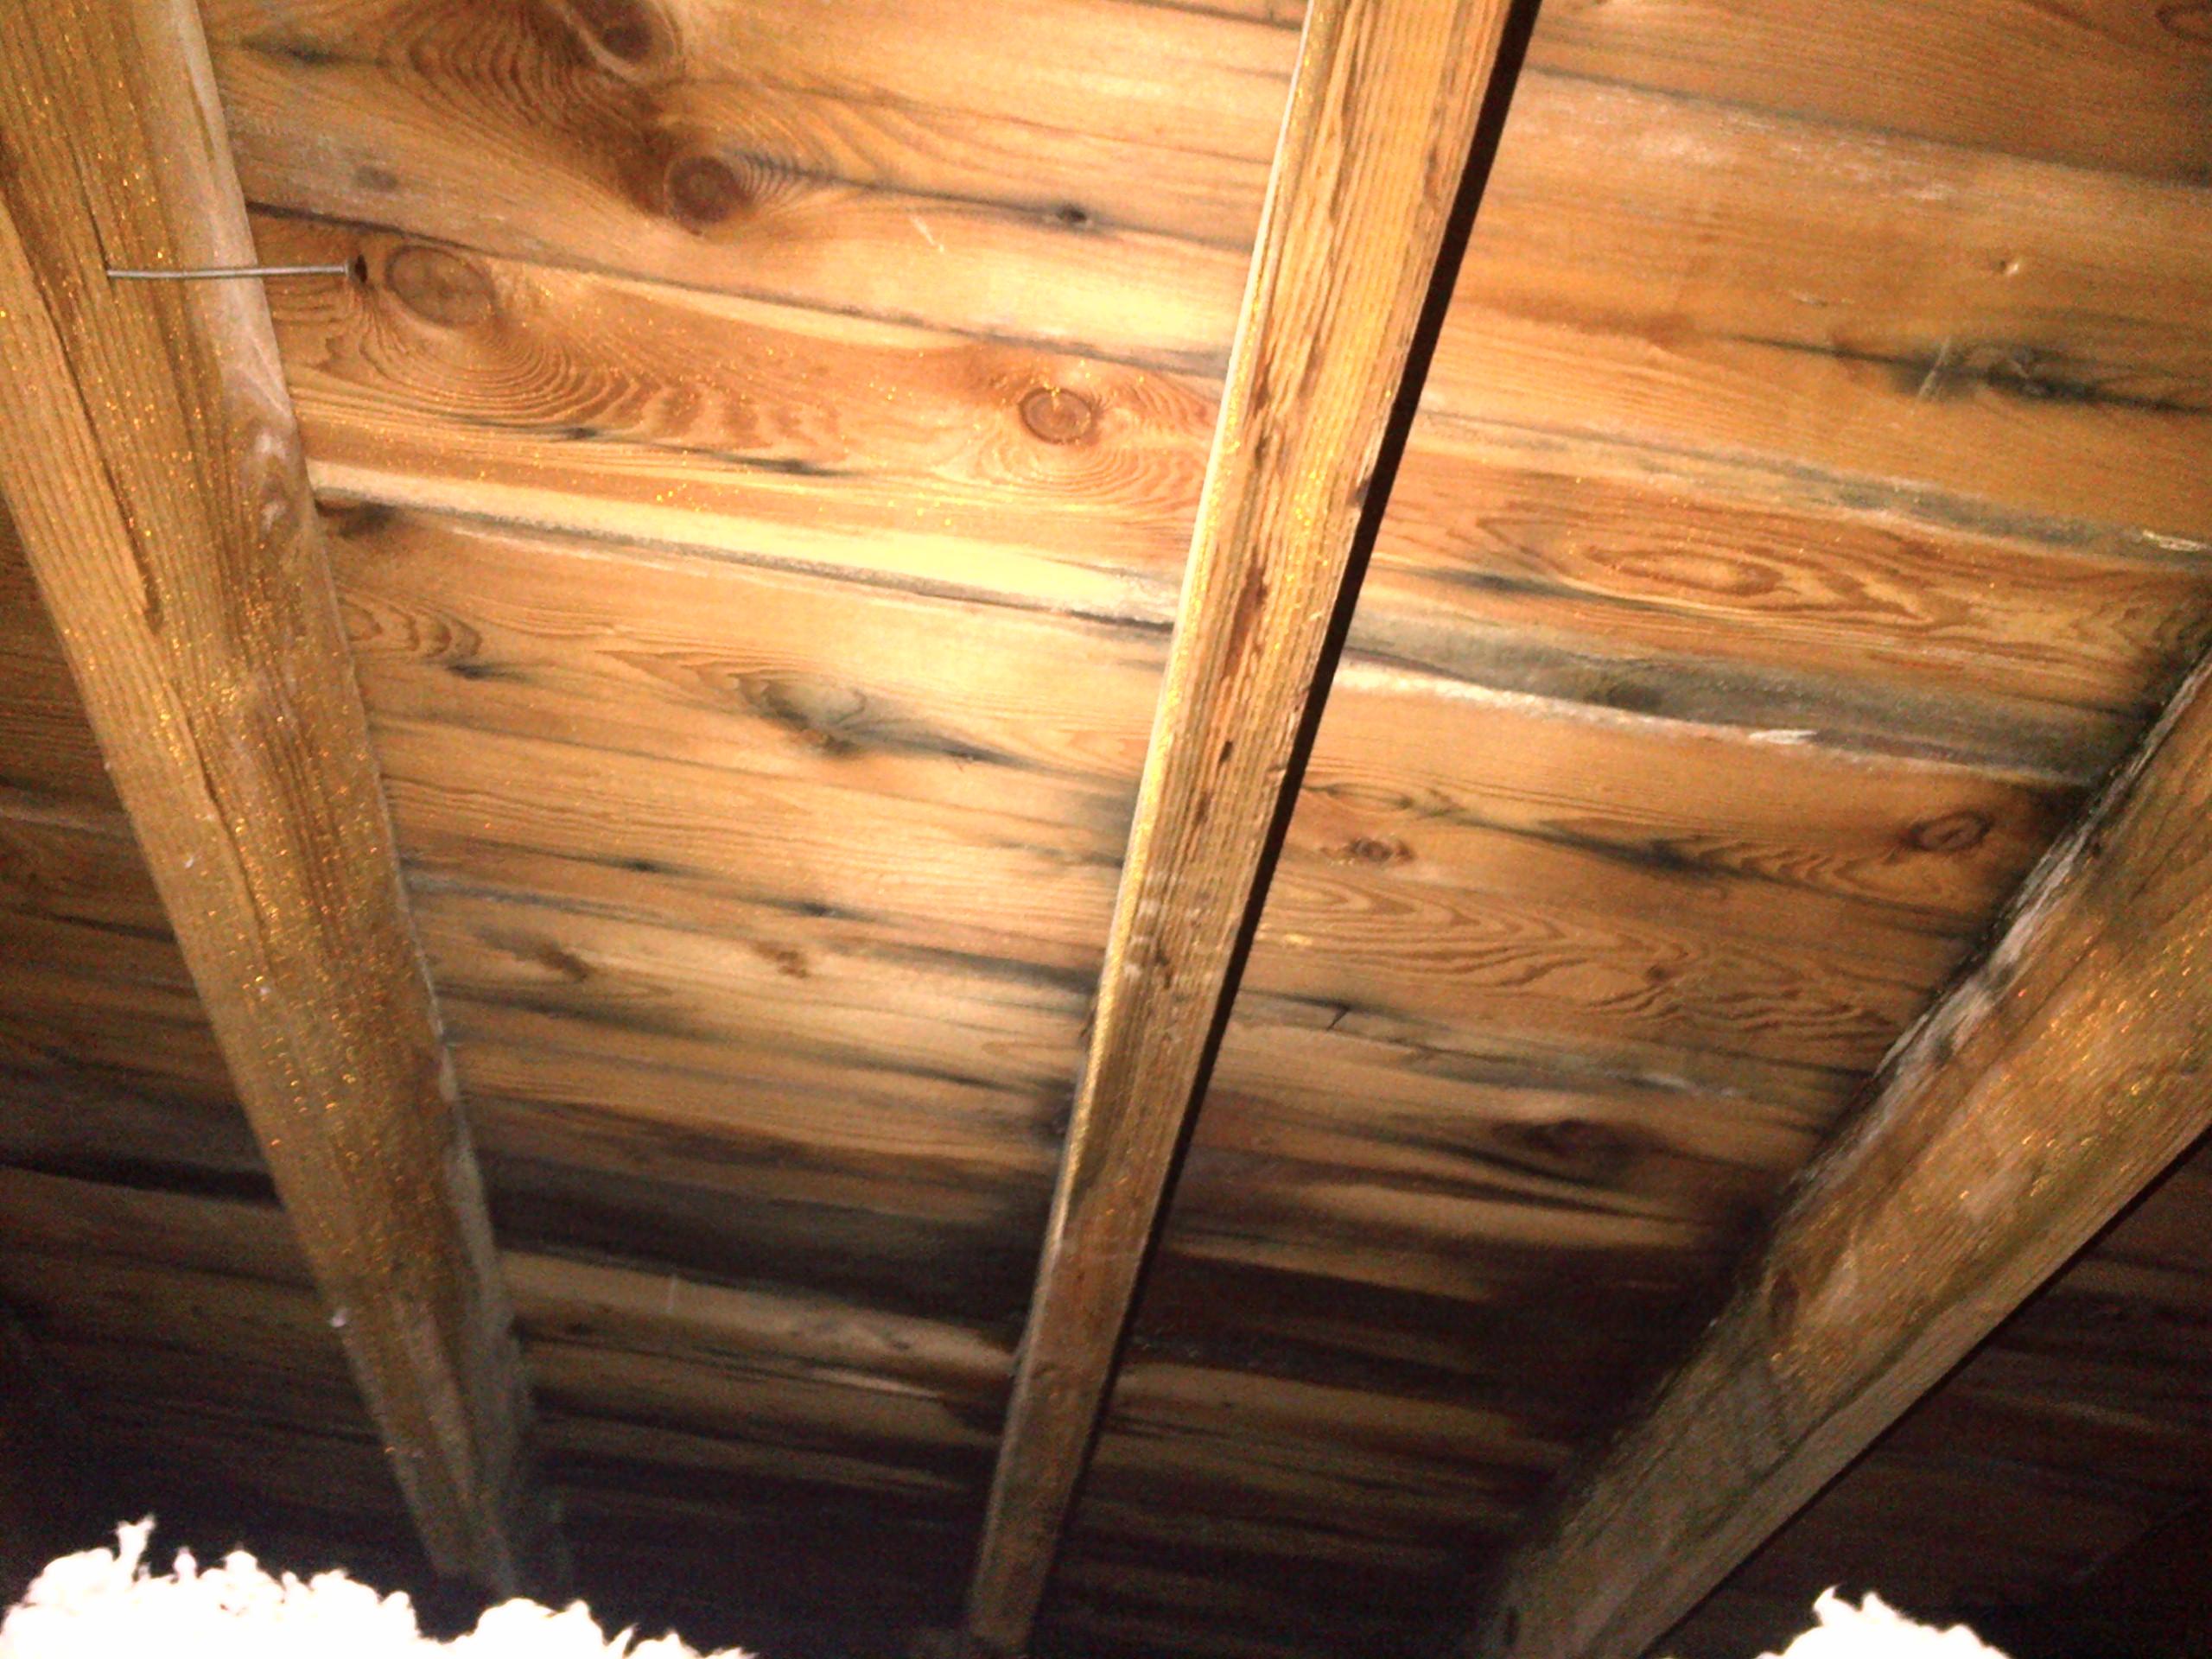 Wet Attic Roof Causes Roof Leak Poor Ventilation Moisture